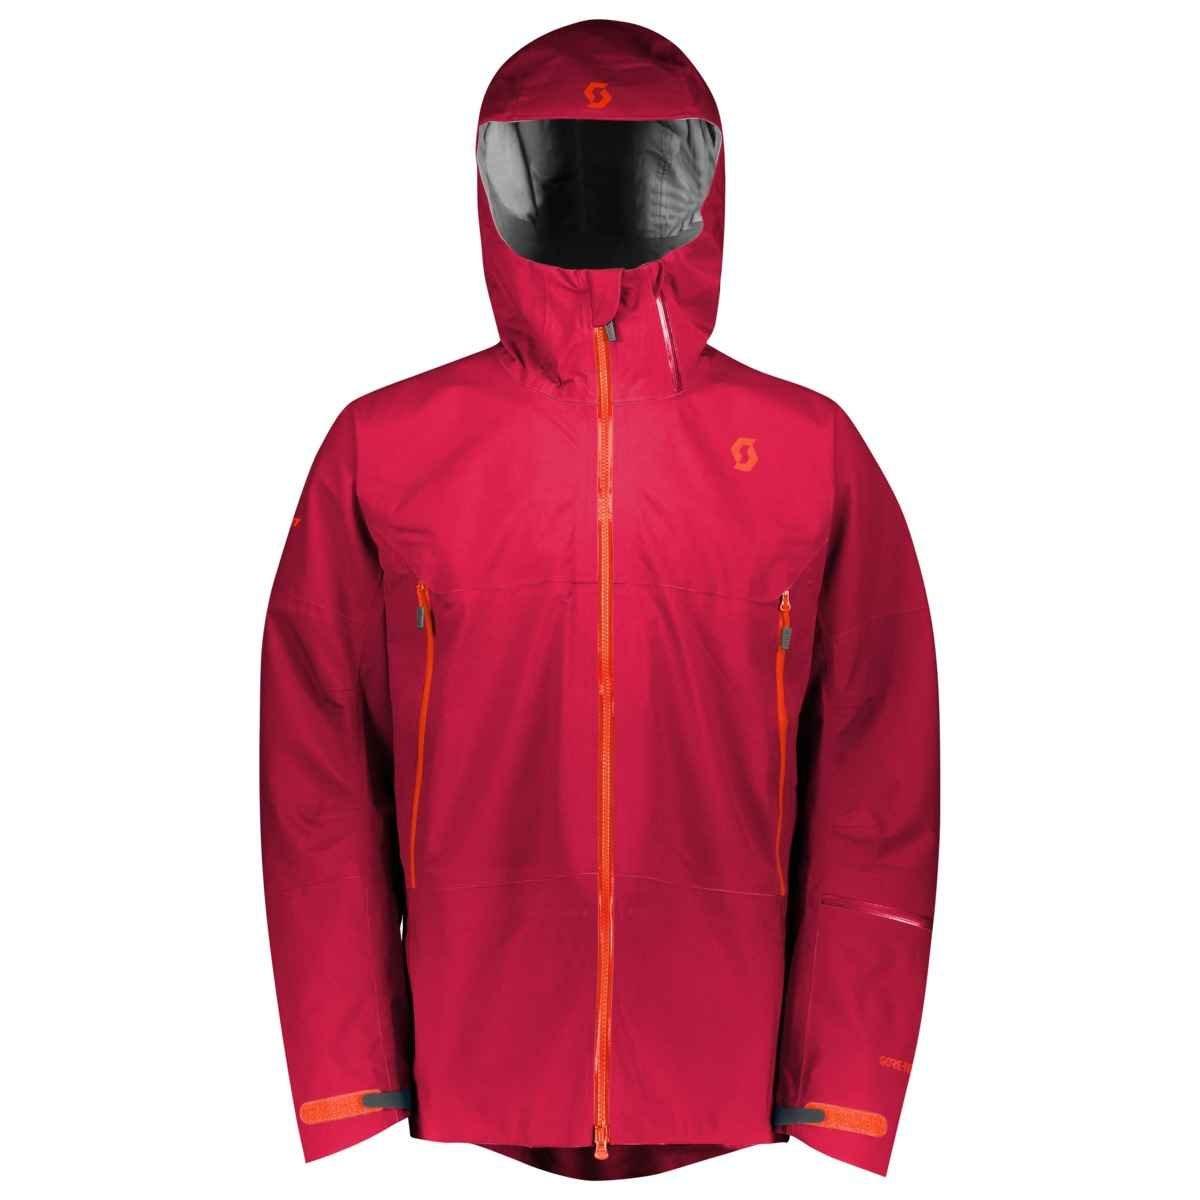 スコットVerticツアーフード付きジャケット – メンズ B076JF9KQ7  ロイヤルレッド (Royal Red)  Small